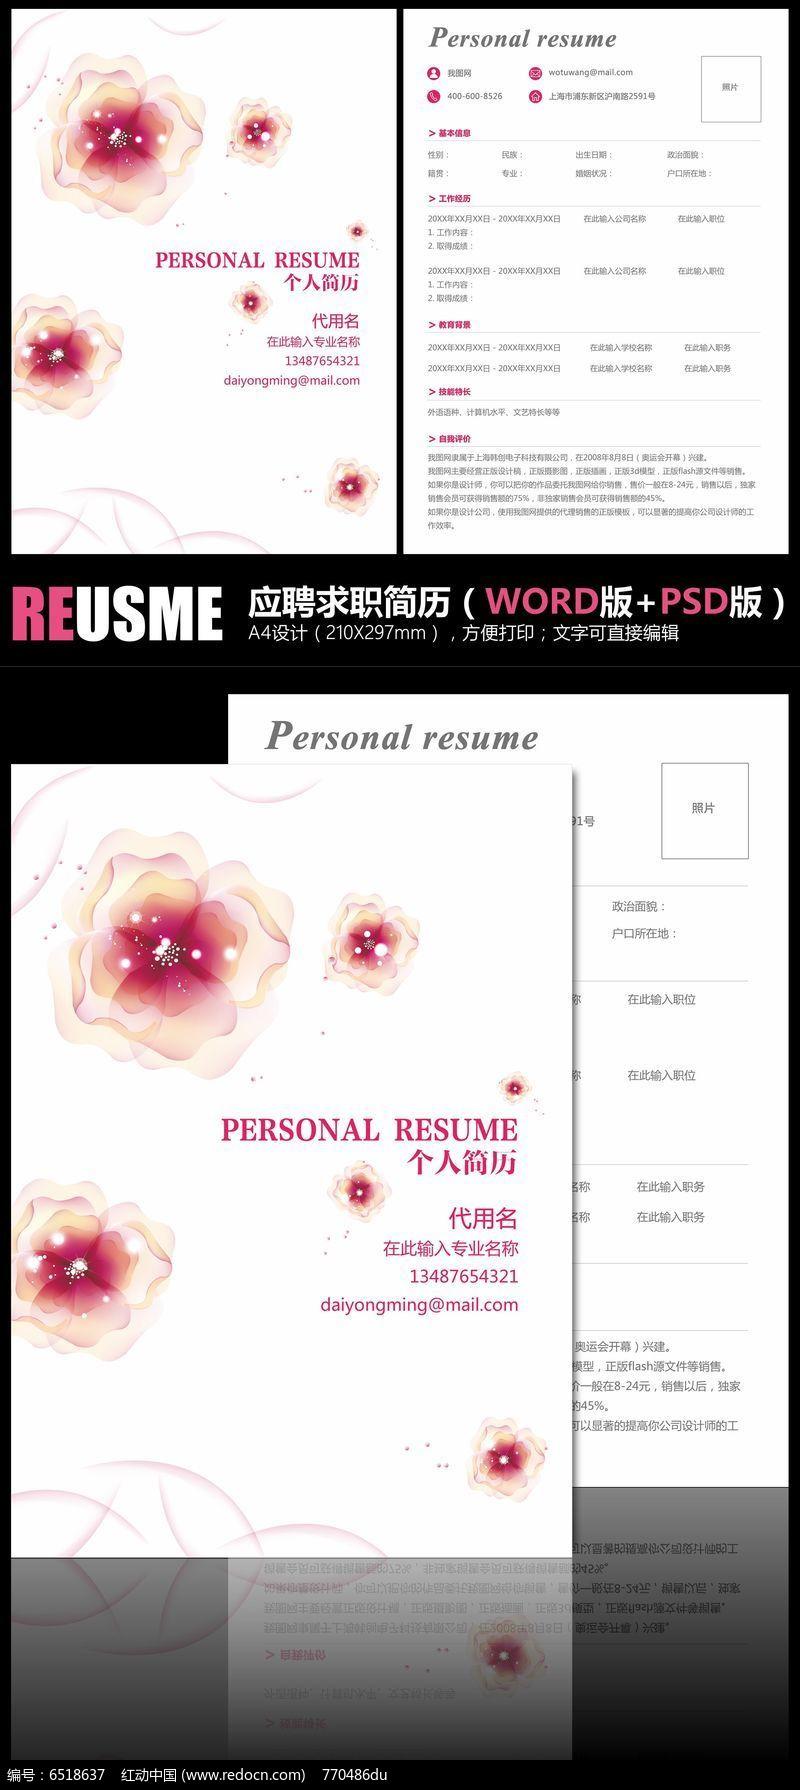 粉色花朵求职简历双格式模板PSD素材下载 求职简历设计图片